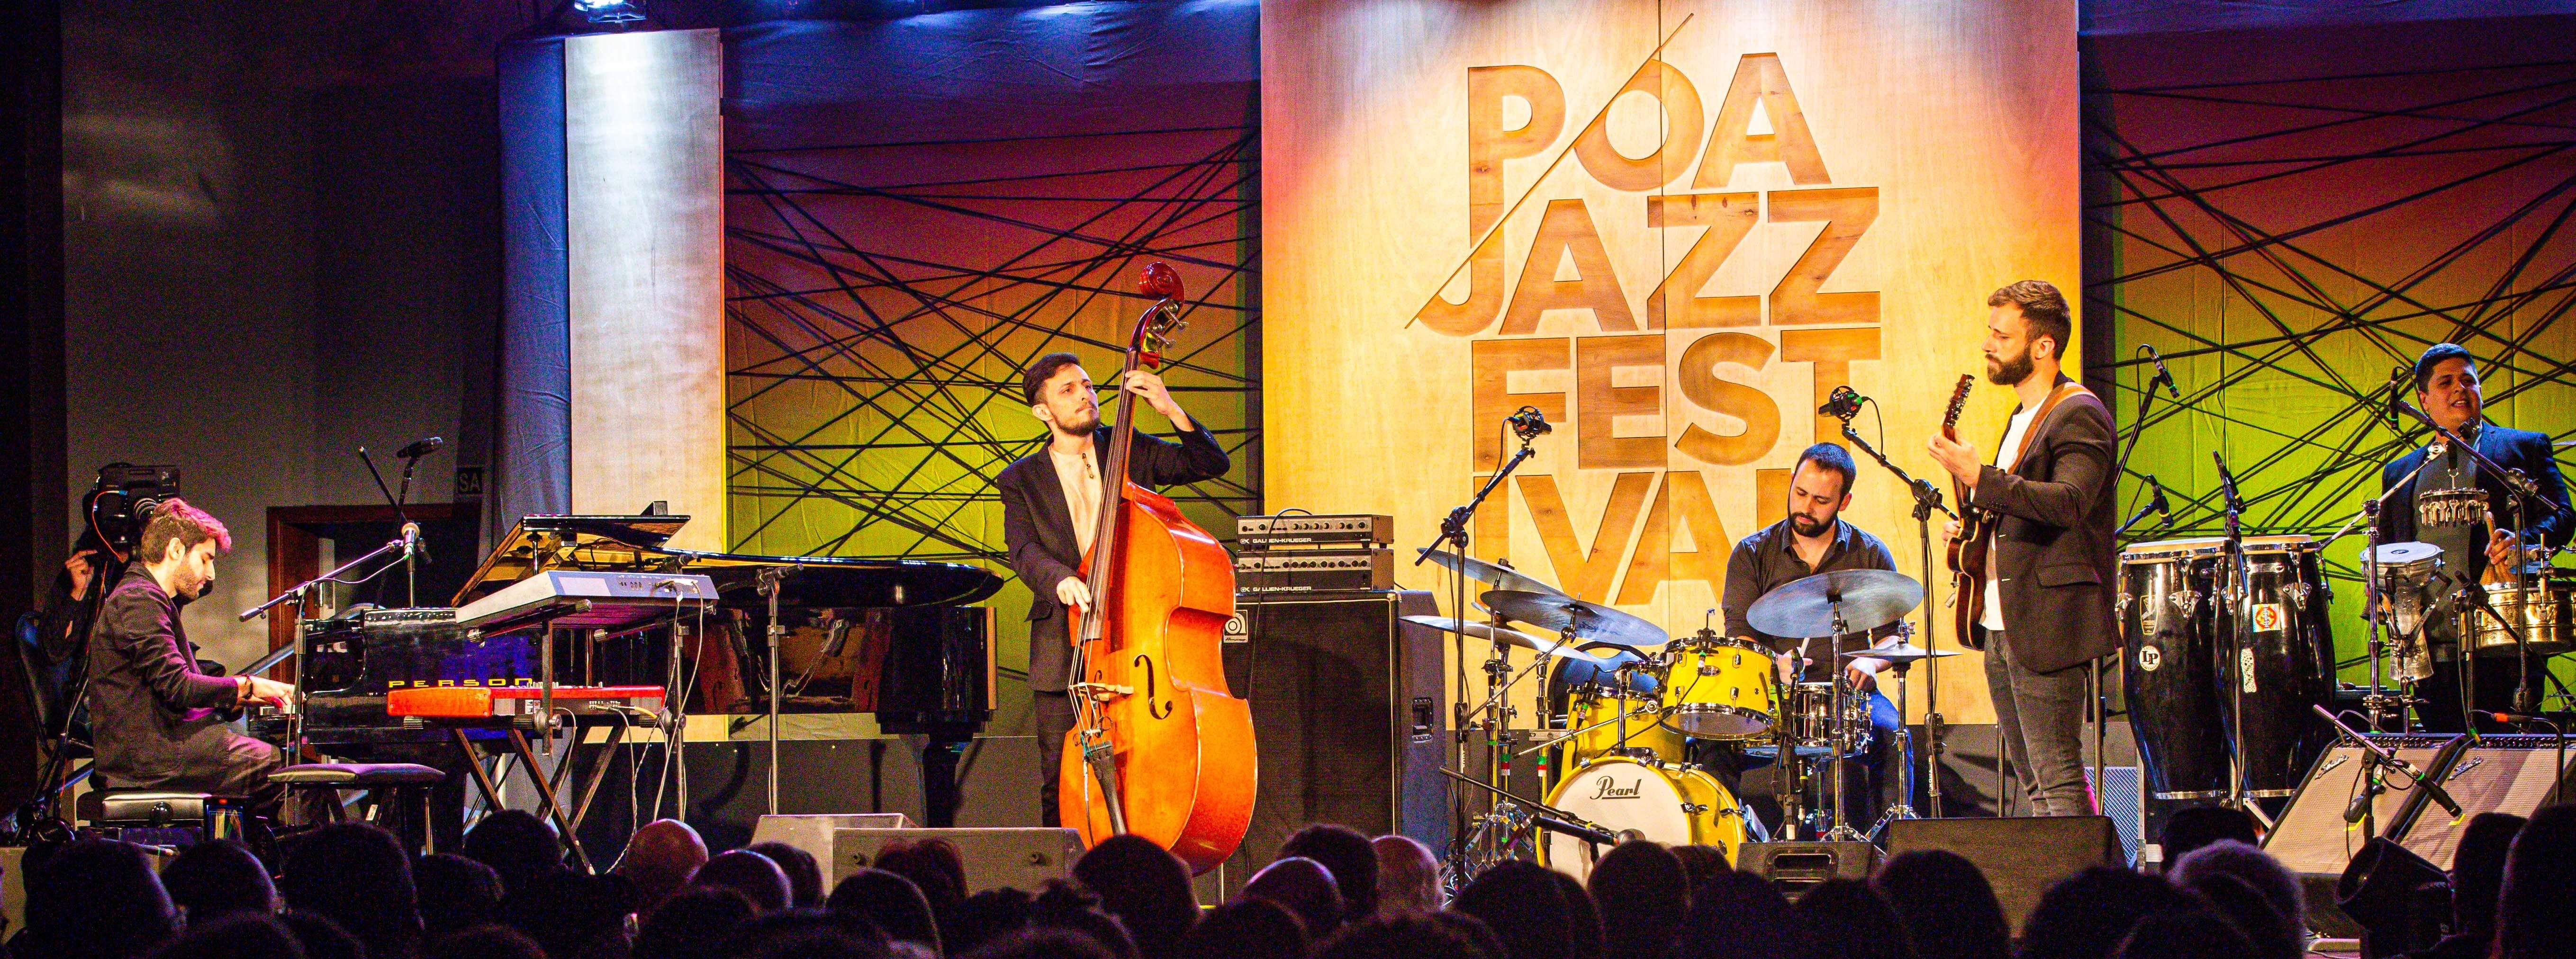 Poa Jazz Festival conecta o público e artistas de diferentes regiões em duas noites de música no BarraShoppingSul